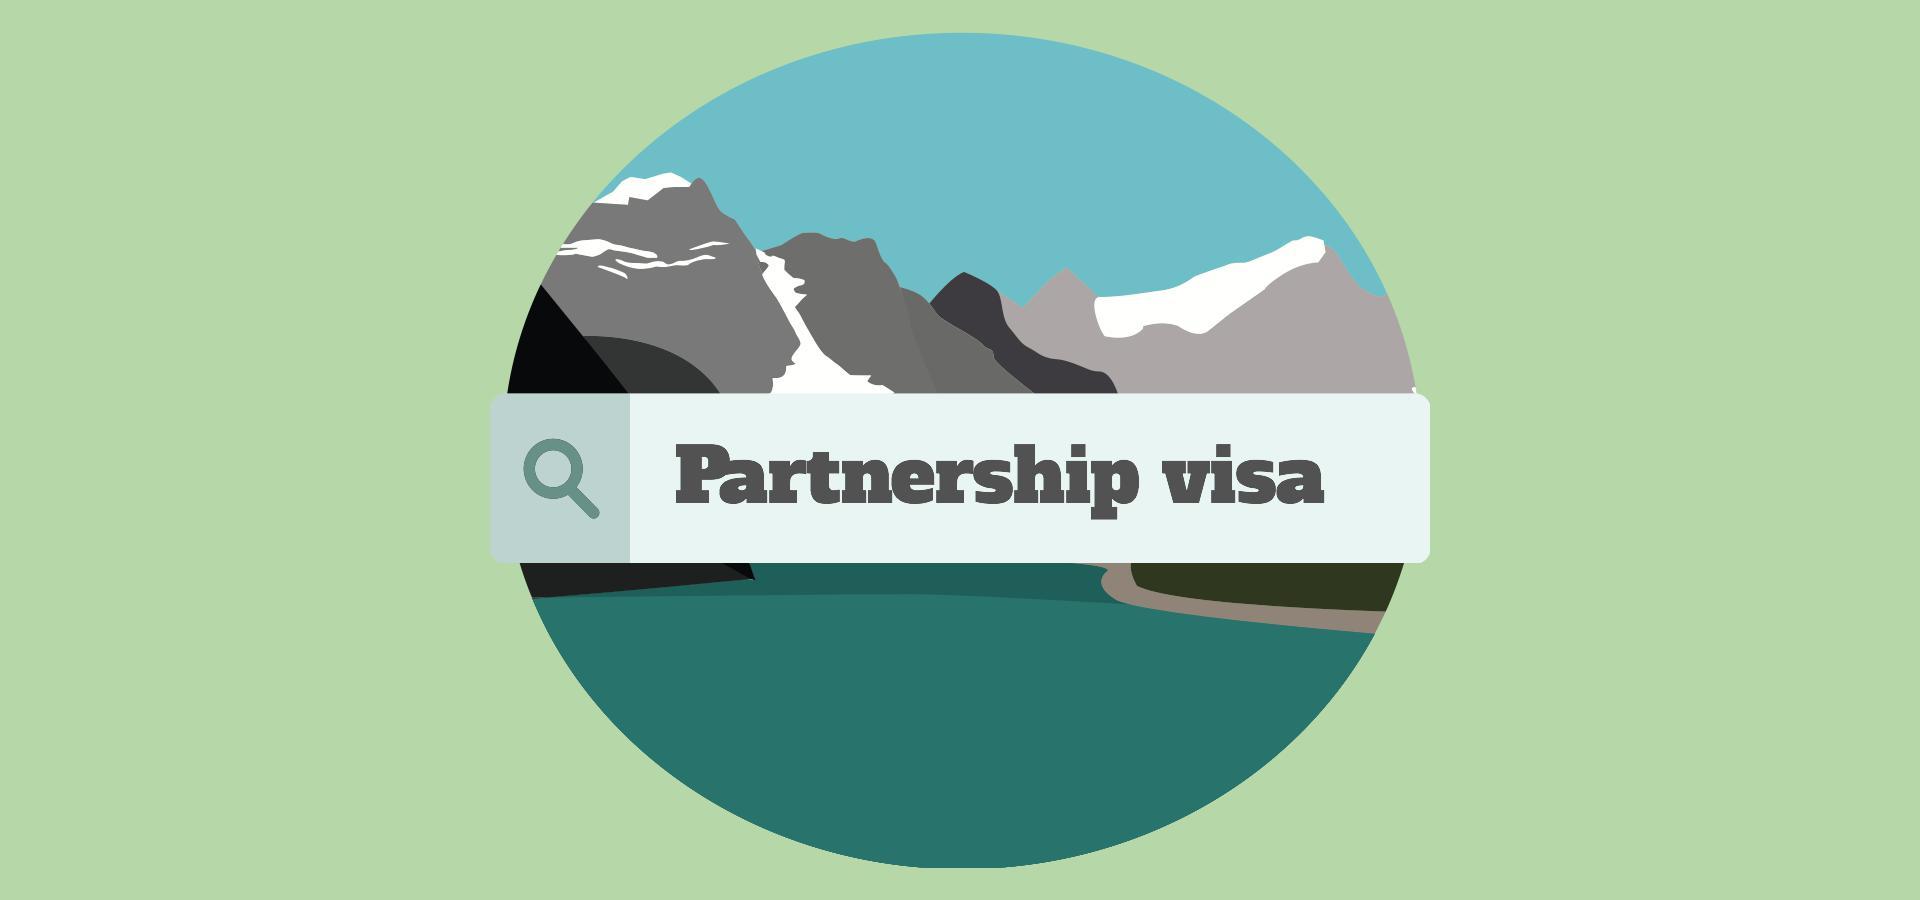 Partnership visa